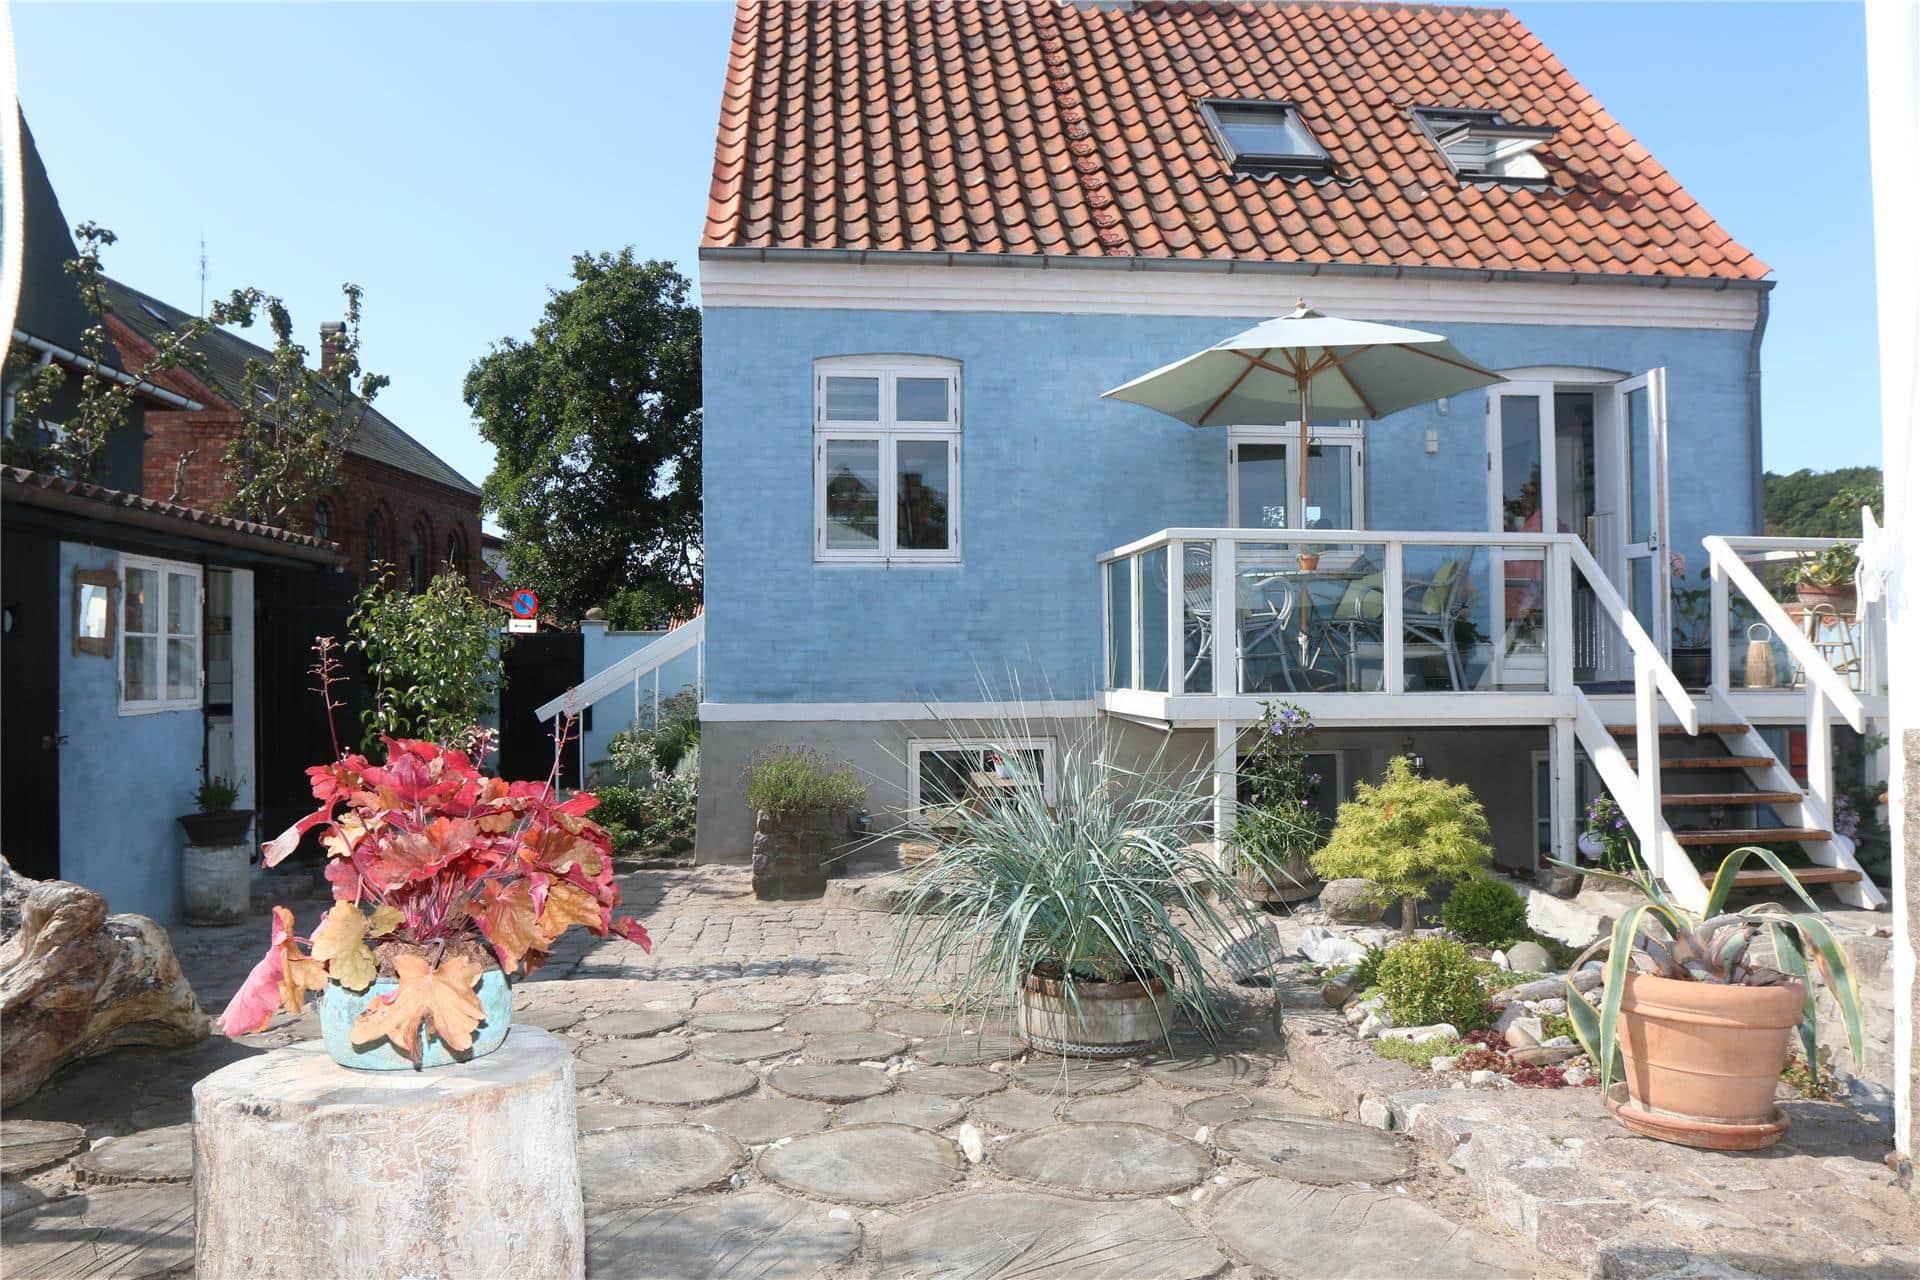 Billede 1-10 Sommerhus 6770, Bredgade 8, DK - 3770 Allinge